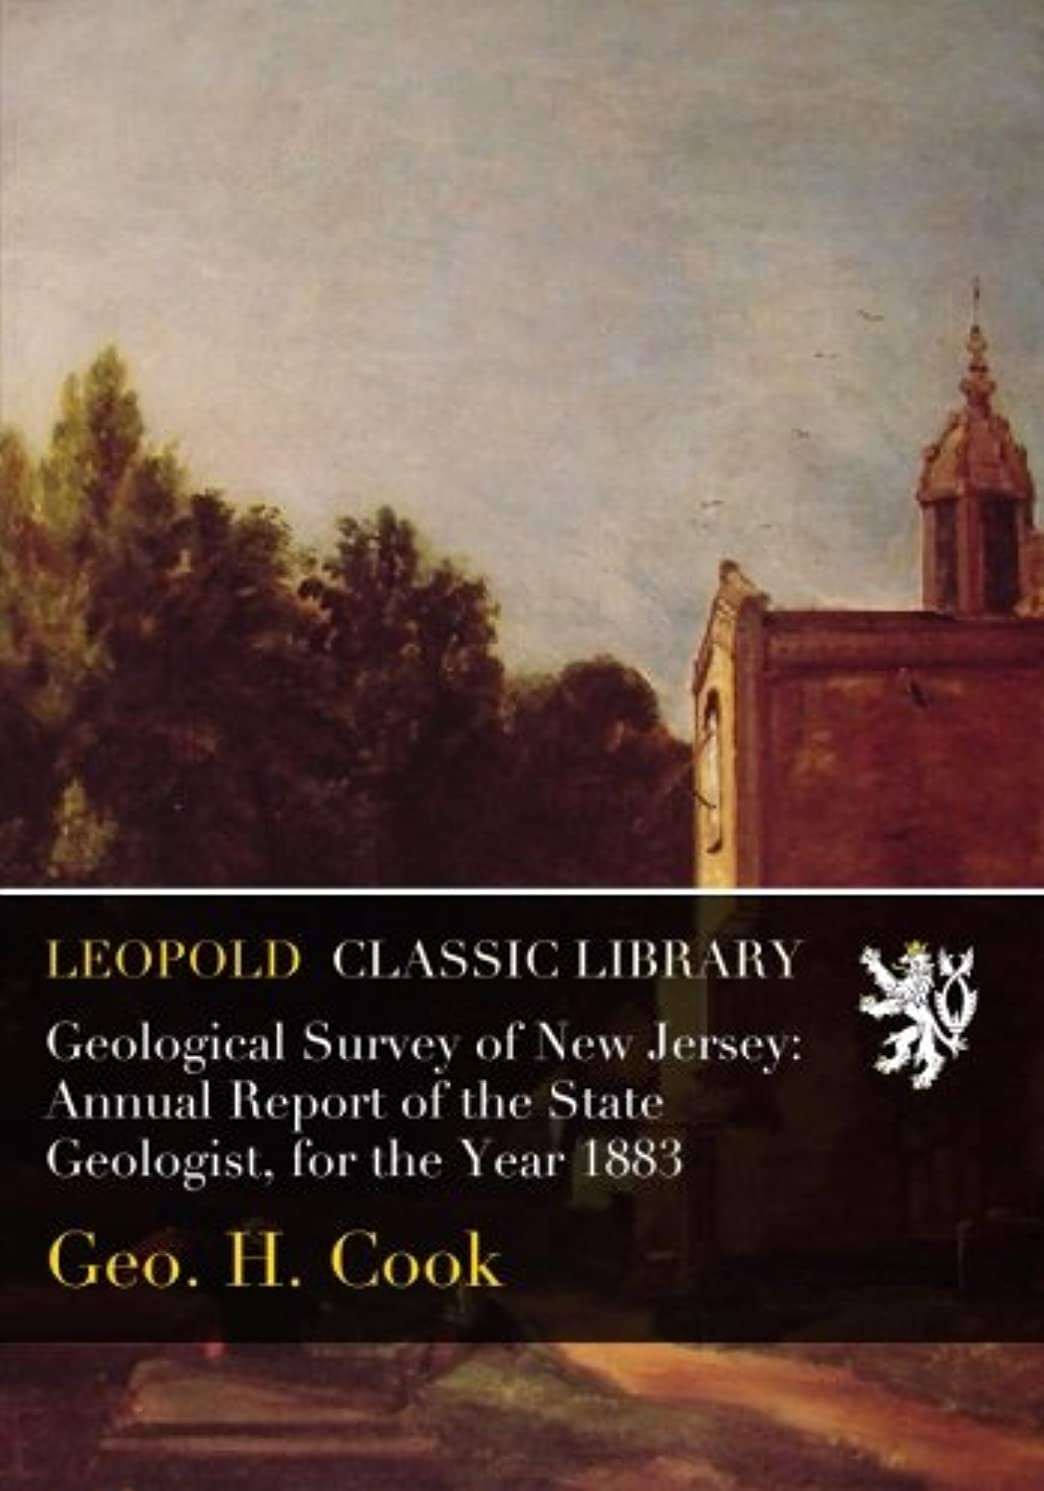 聡明主権者太字Geological Survey of New Jersey: Annual Report of the State Geologist, for the Year 1883